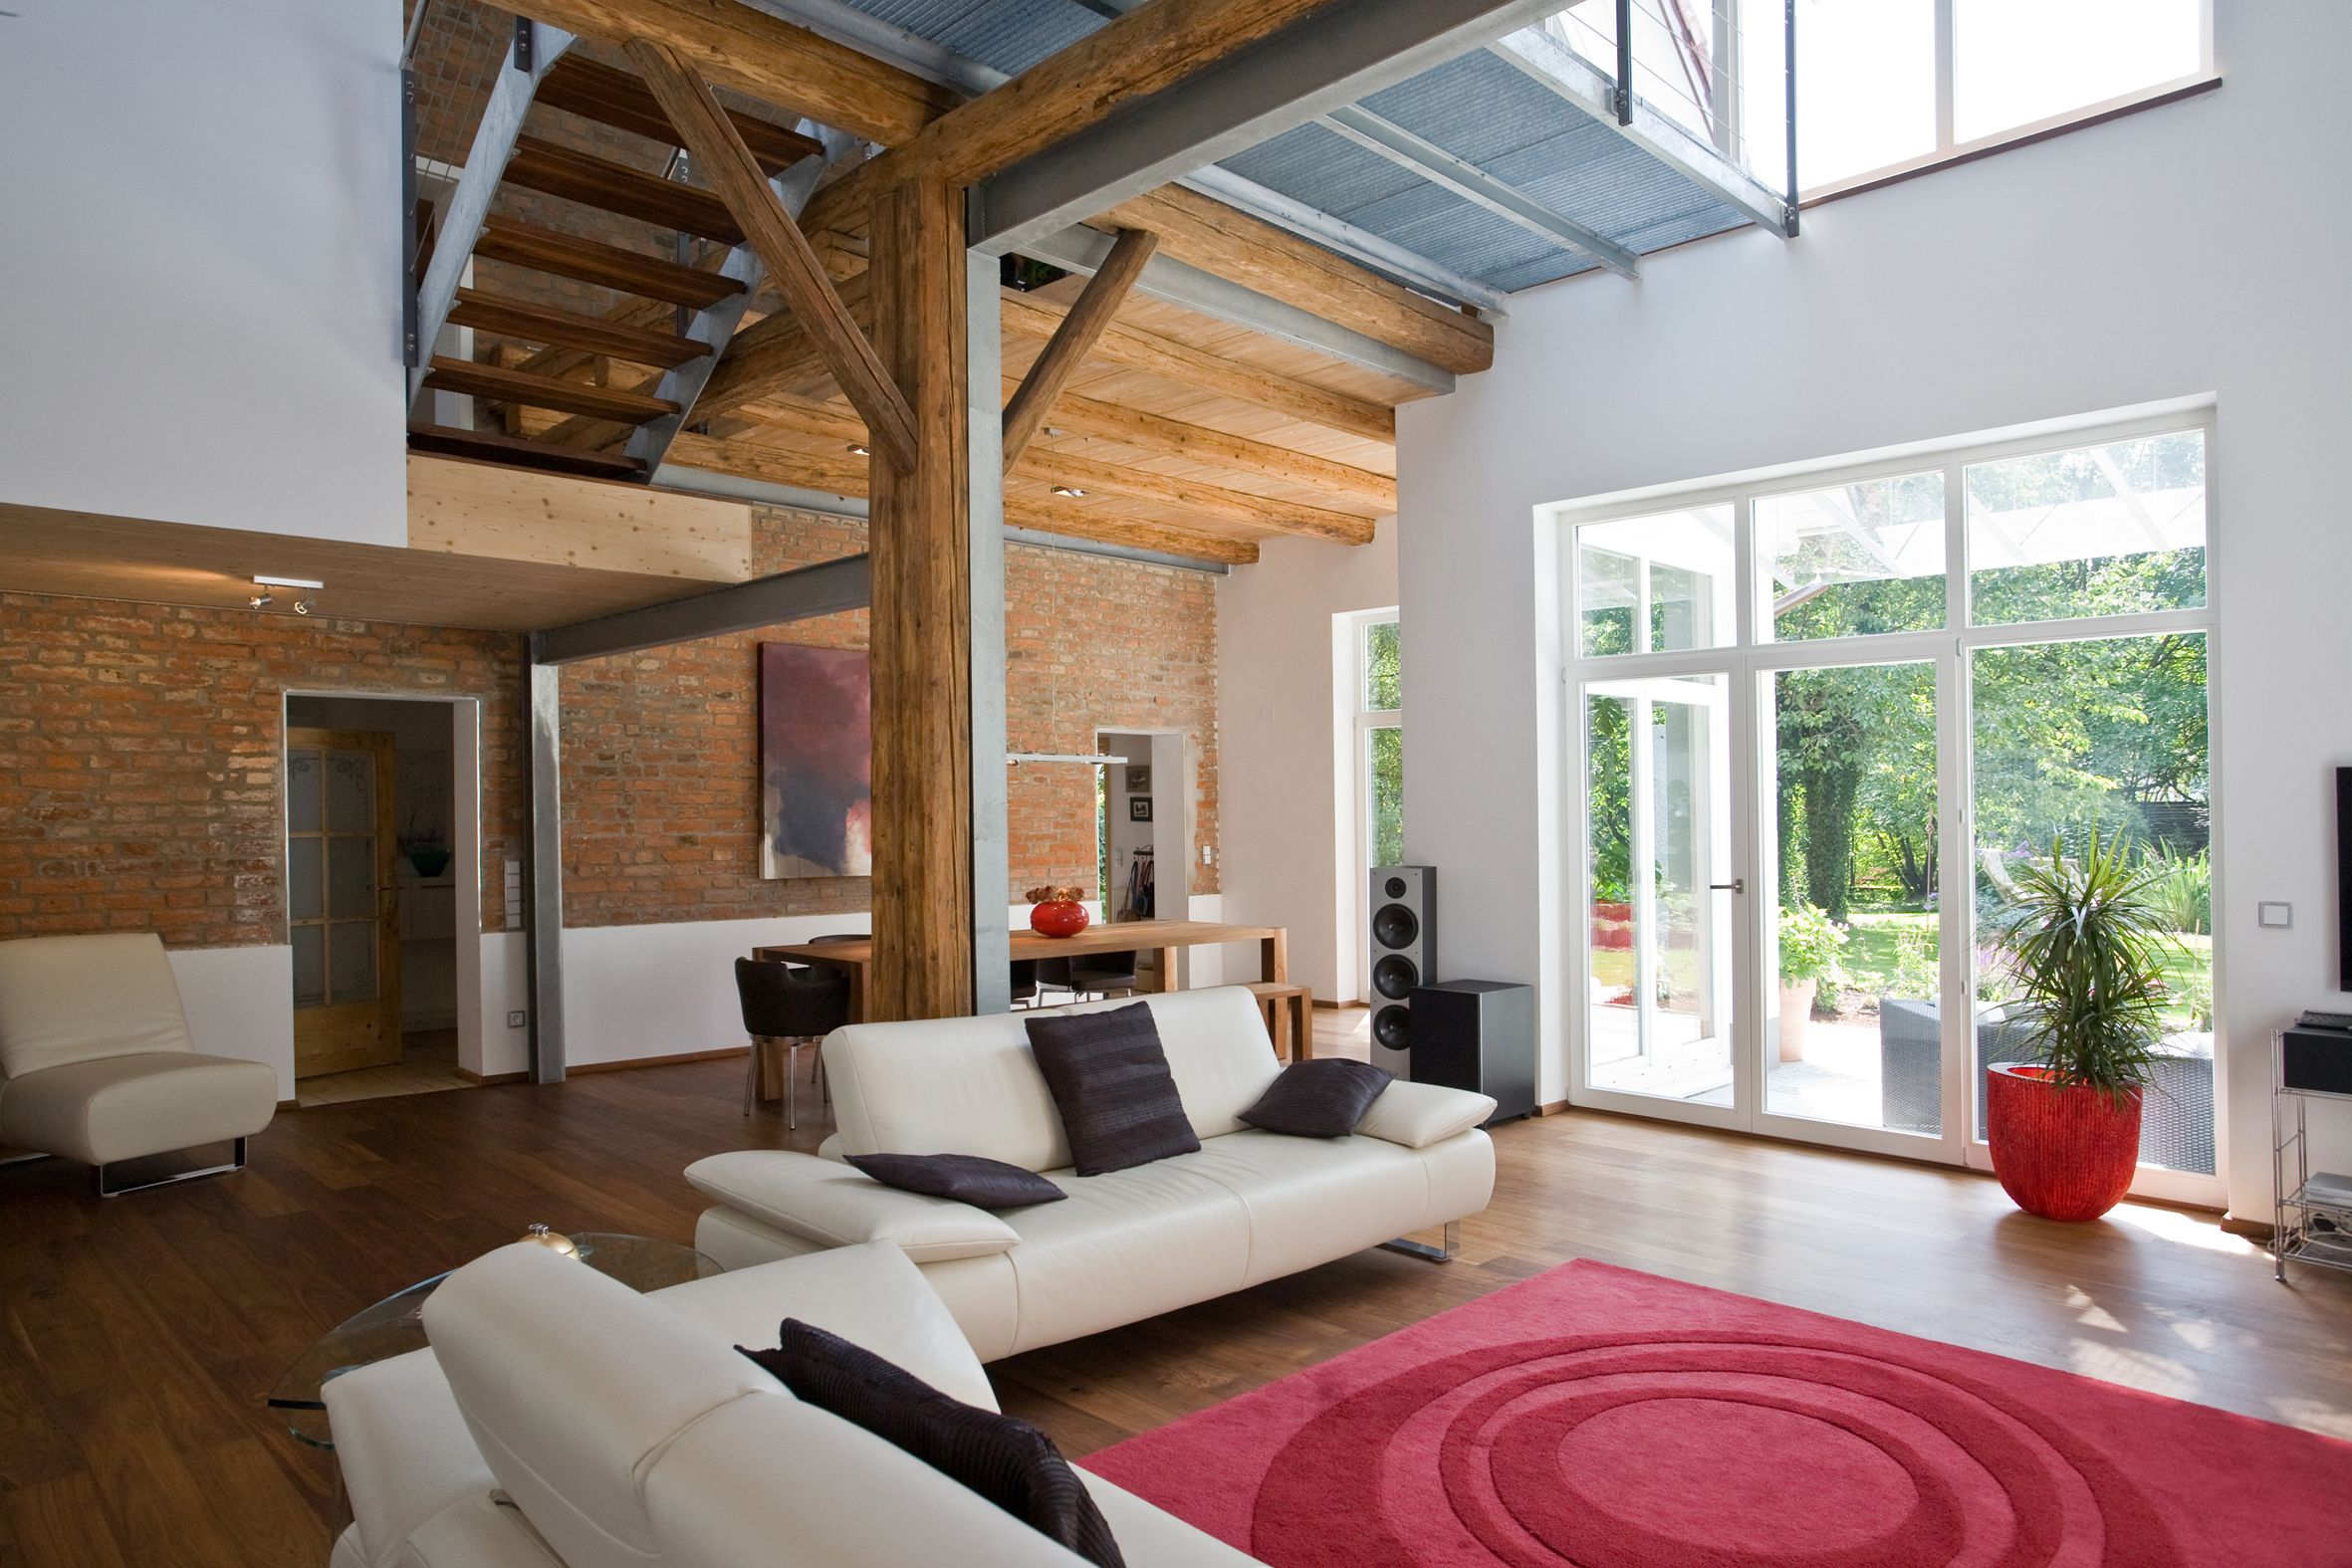 wohnzimmer mit offener galerie wohnzimmer pinterest. Black Bedroom Furniture Sets. Home Design Ideas